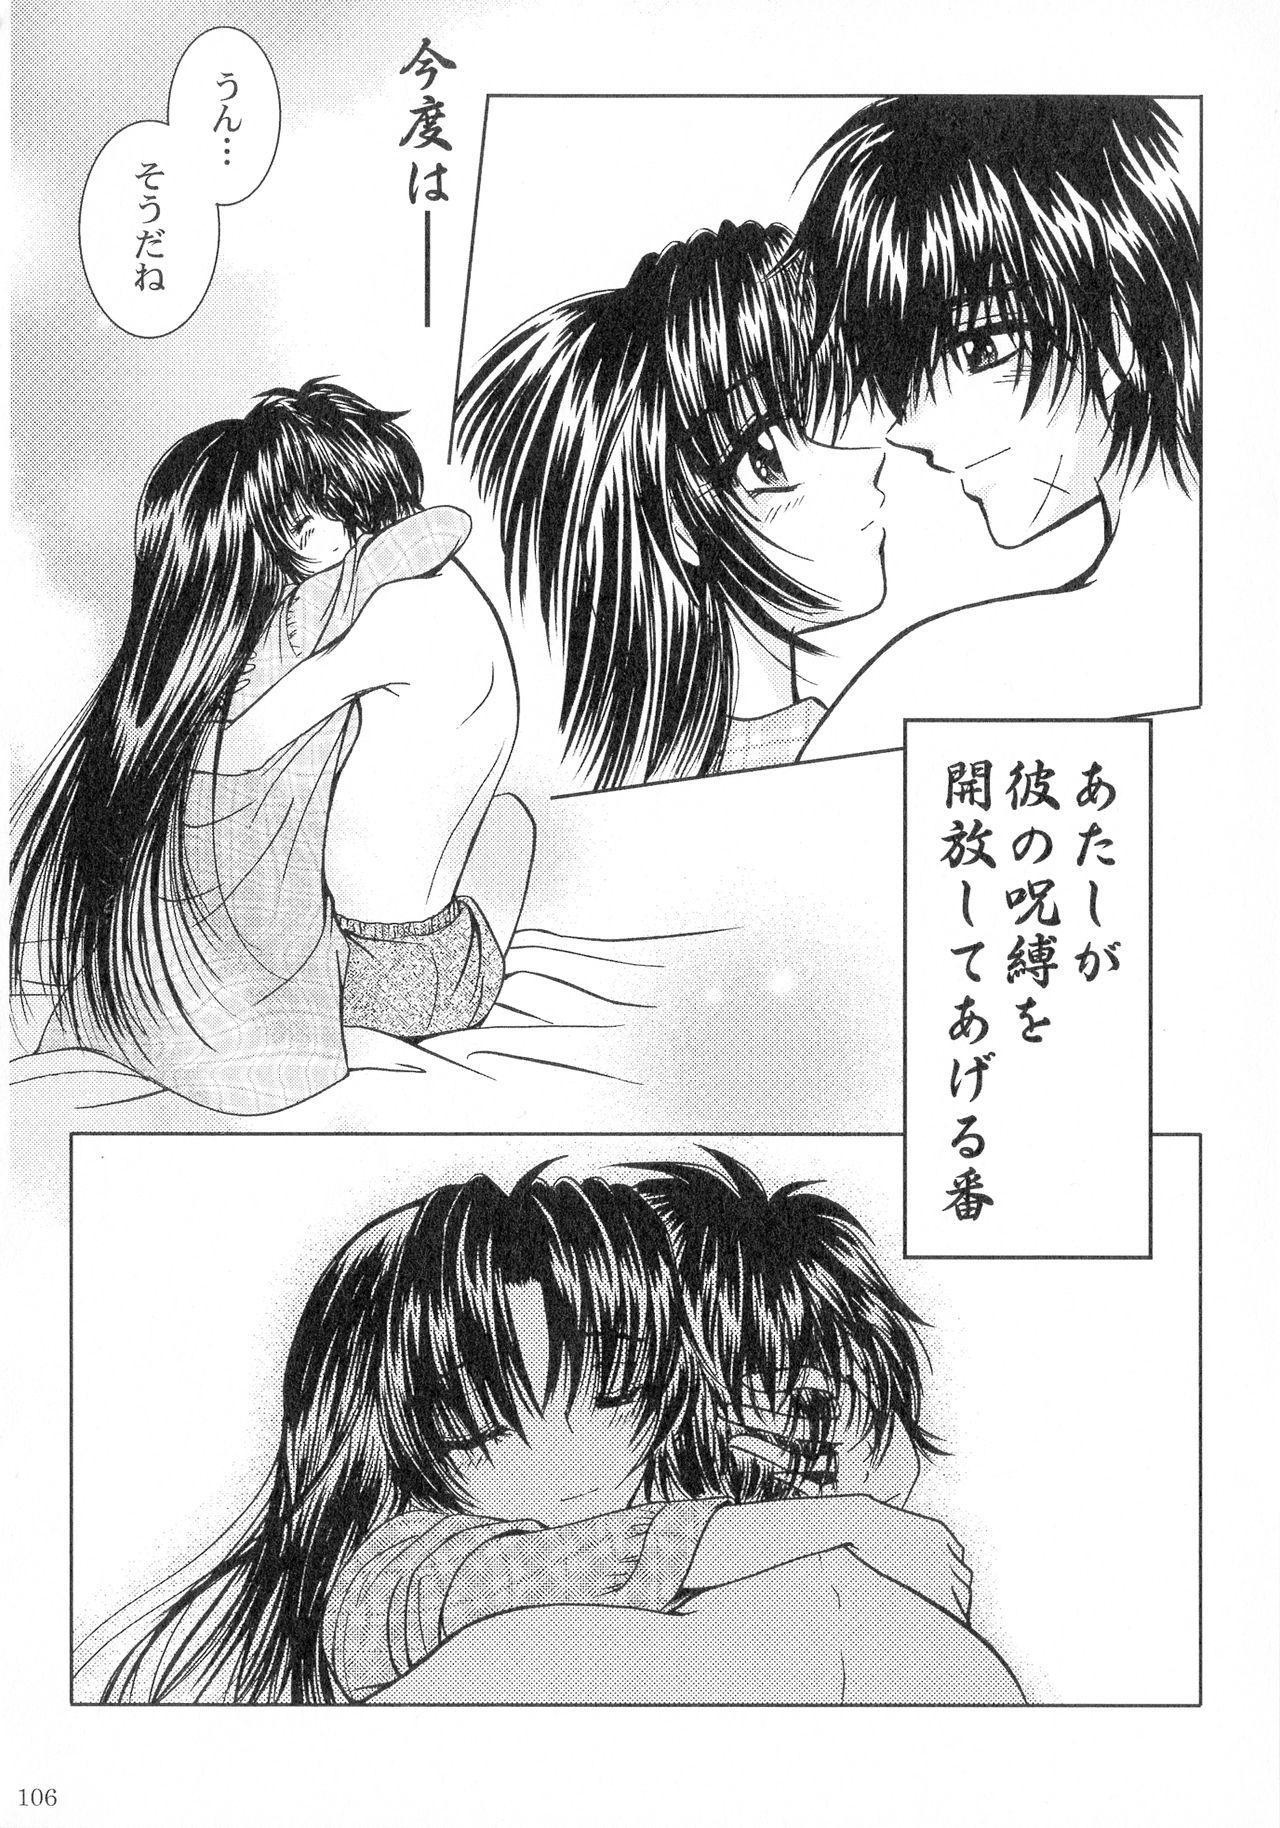 SEXY PANIC Sairoku-shuu VOL.3 104